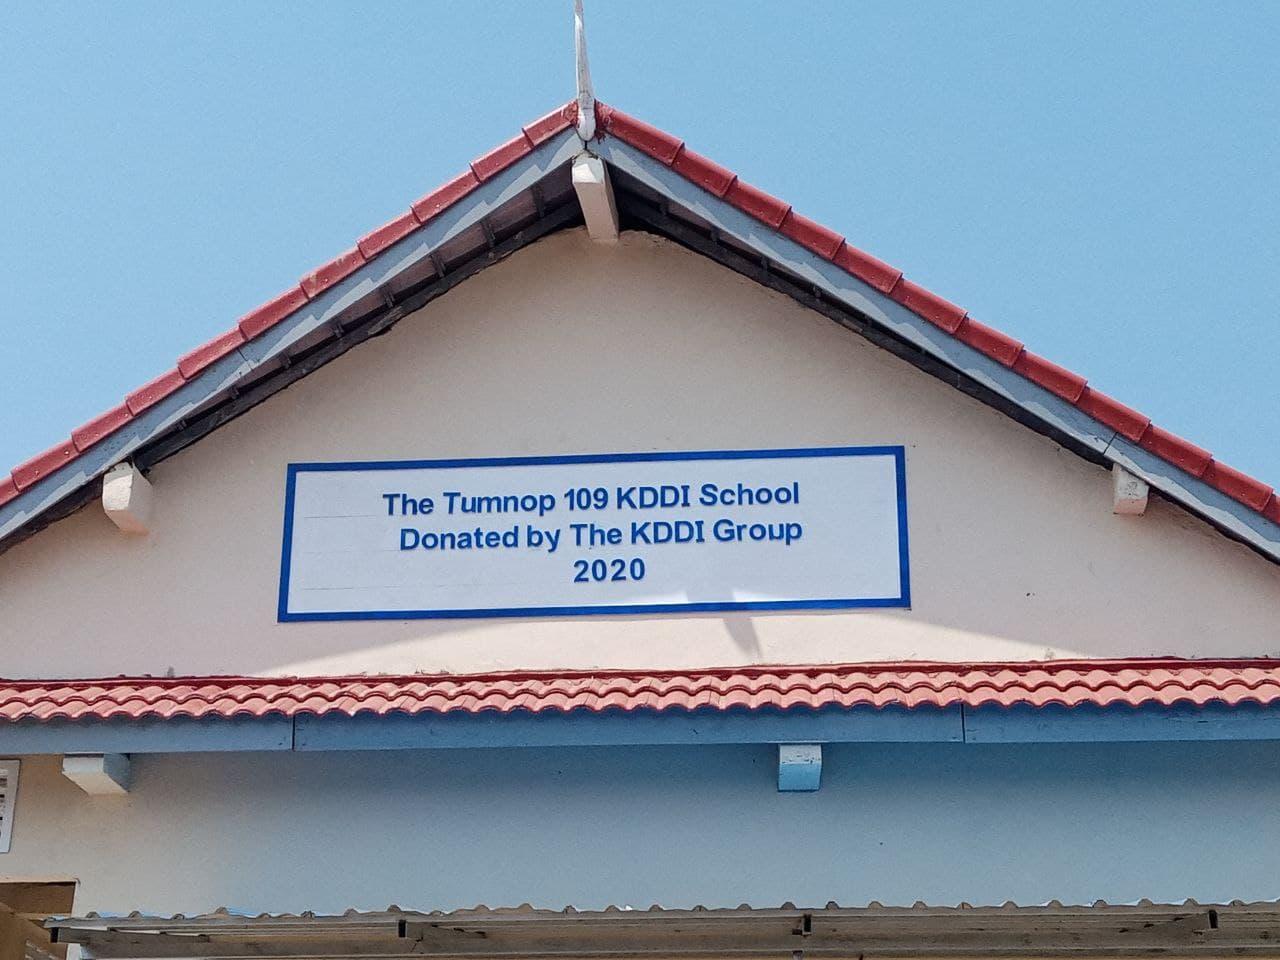 【カンボジアレポート】カンボジアに13校目となるKDDIスクールが開校、子どもたちの通学がスタート!